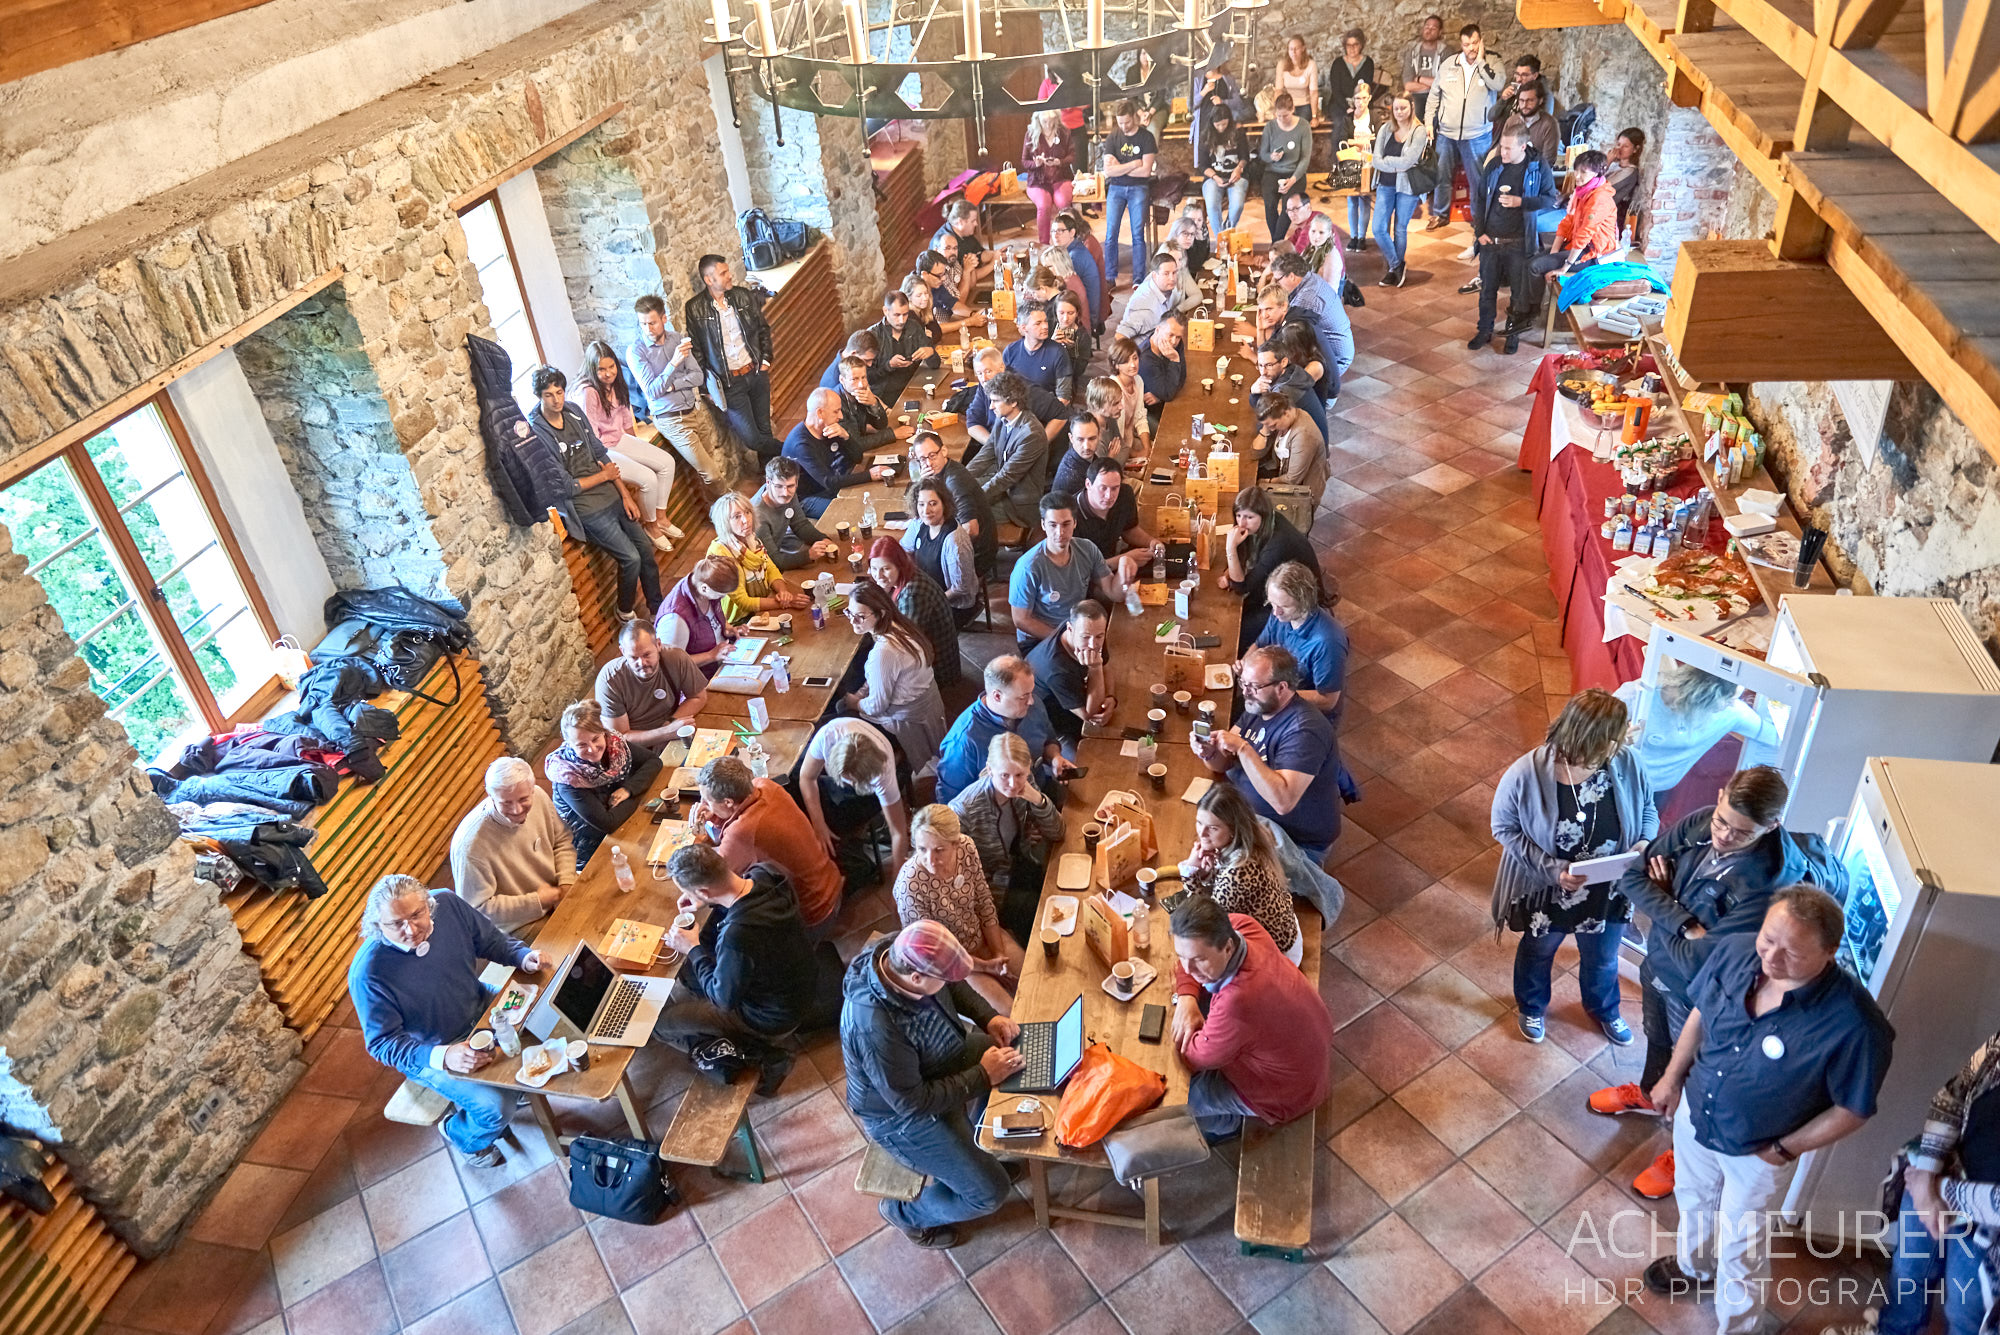 CastleCamp-Kaprun-cczk17_5092 by AchimMeurer.com .